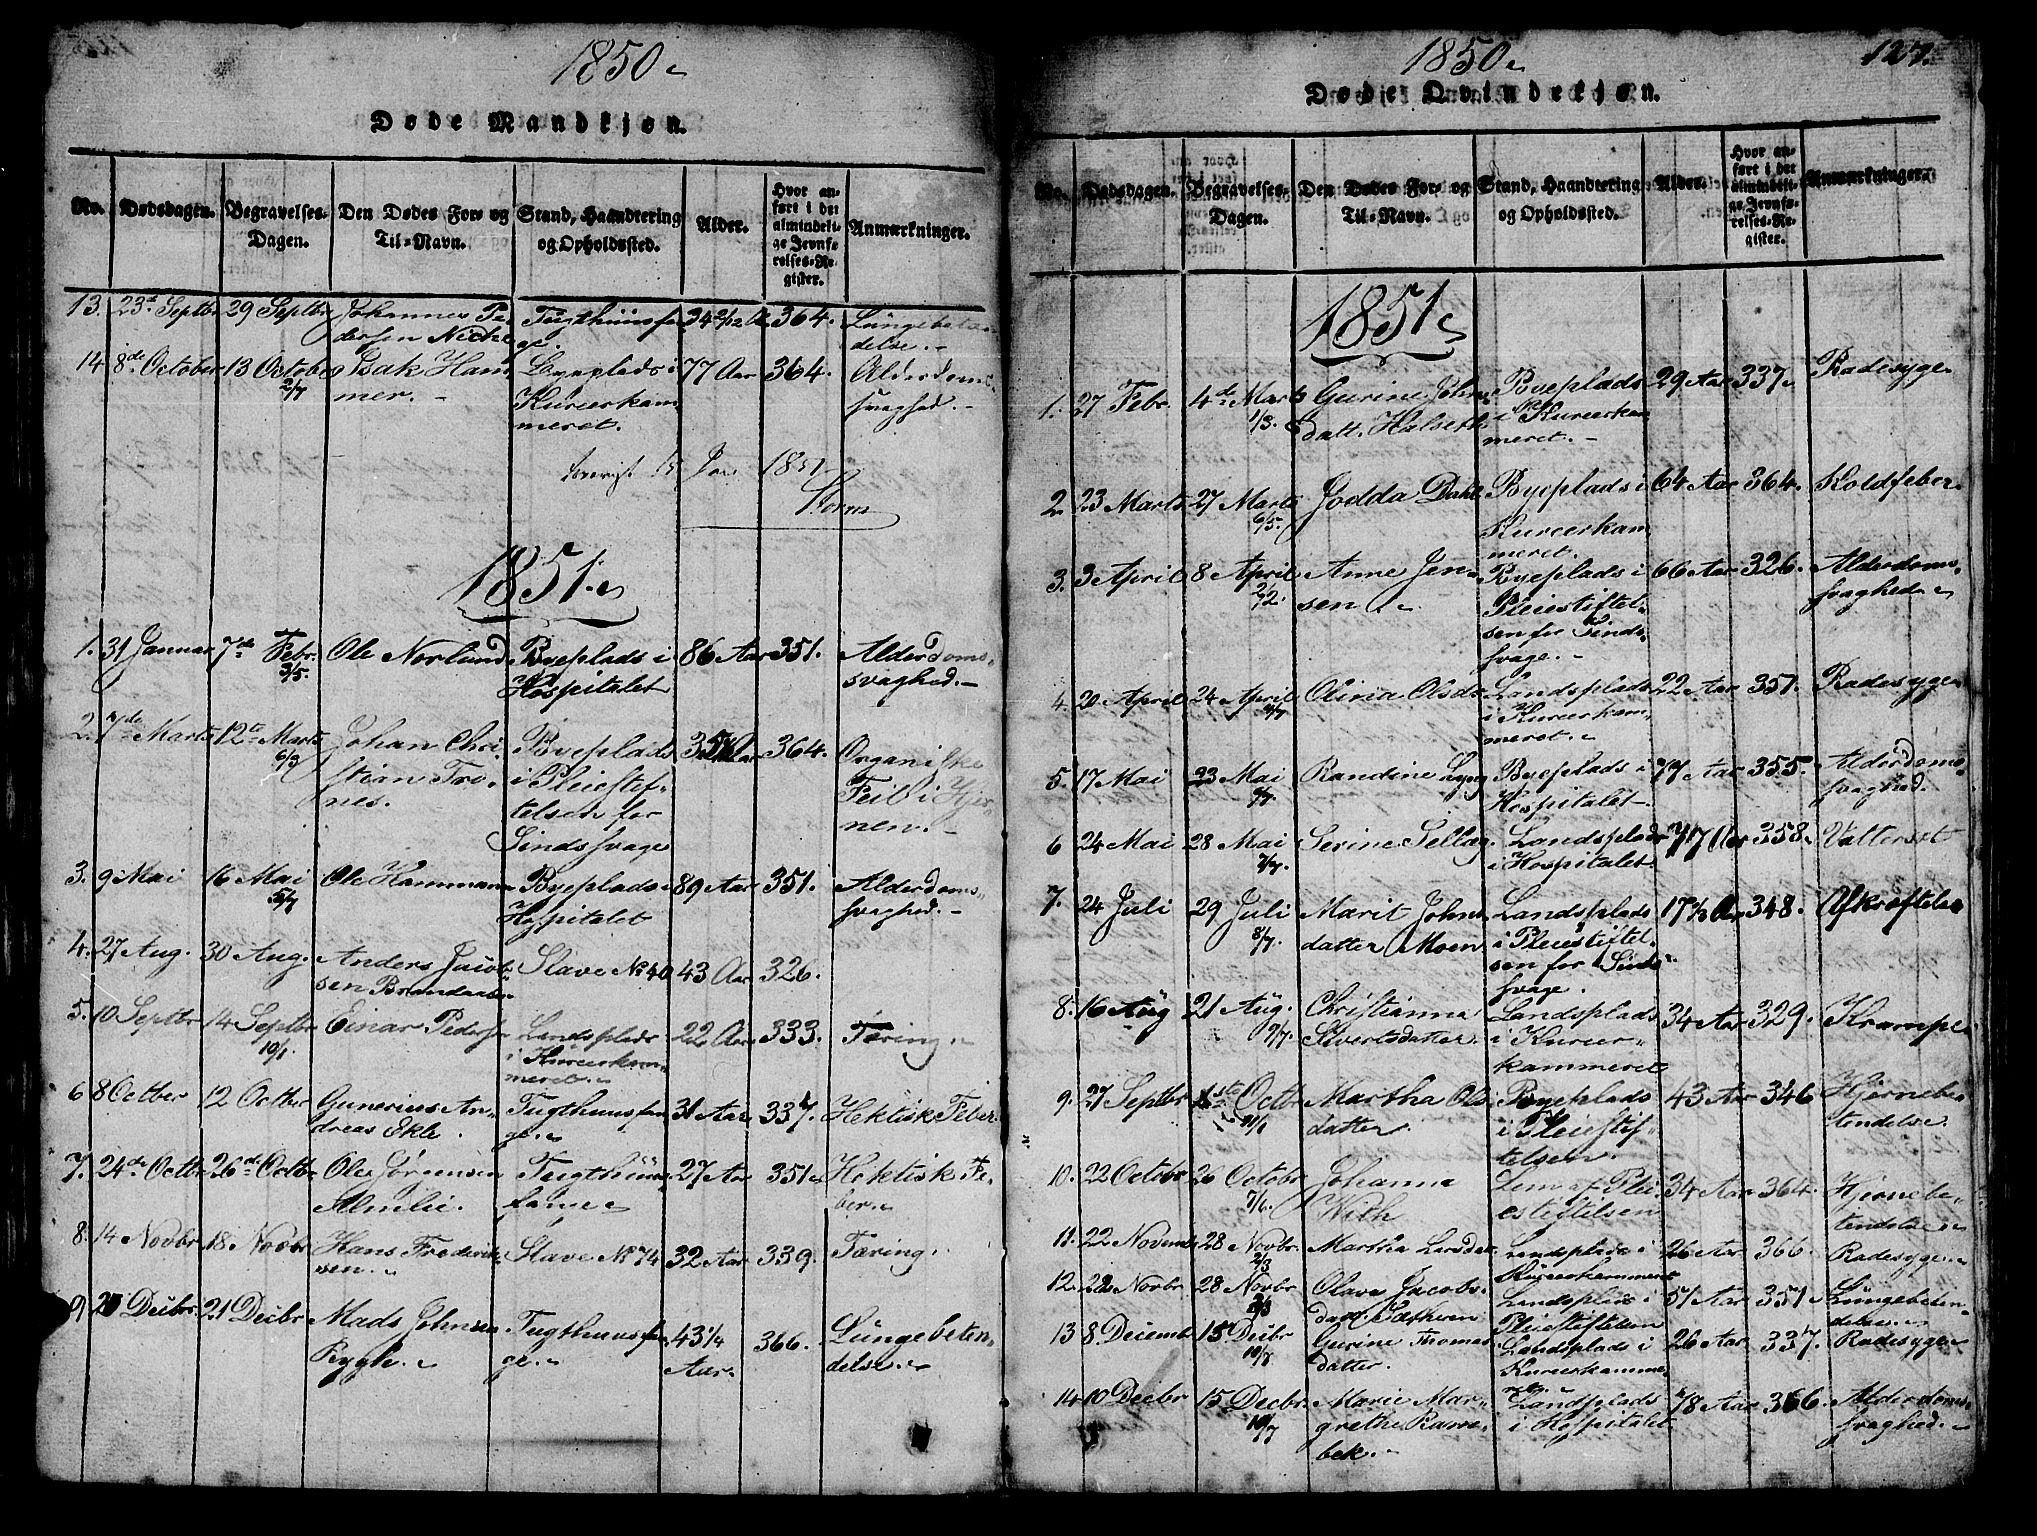 SAT, Ministerialprotokoller, klokkerbøker og fødselsregistre - Sør-Trøndelag, 623/L0478: Klokkerbok nr. 623C01, 1815-1873, s. 127